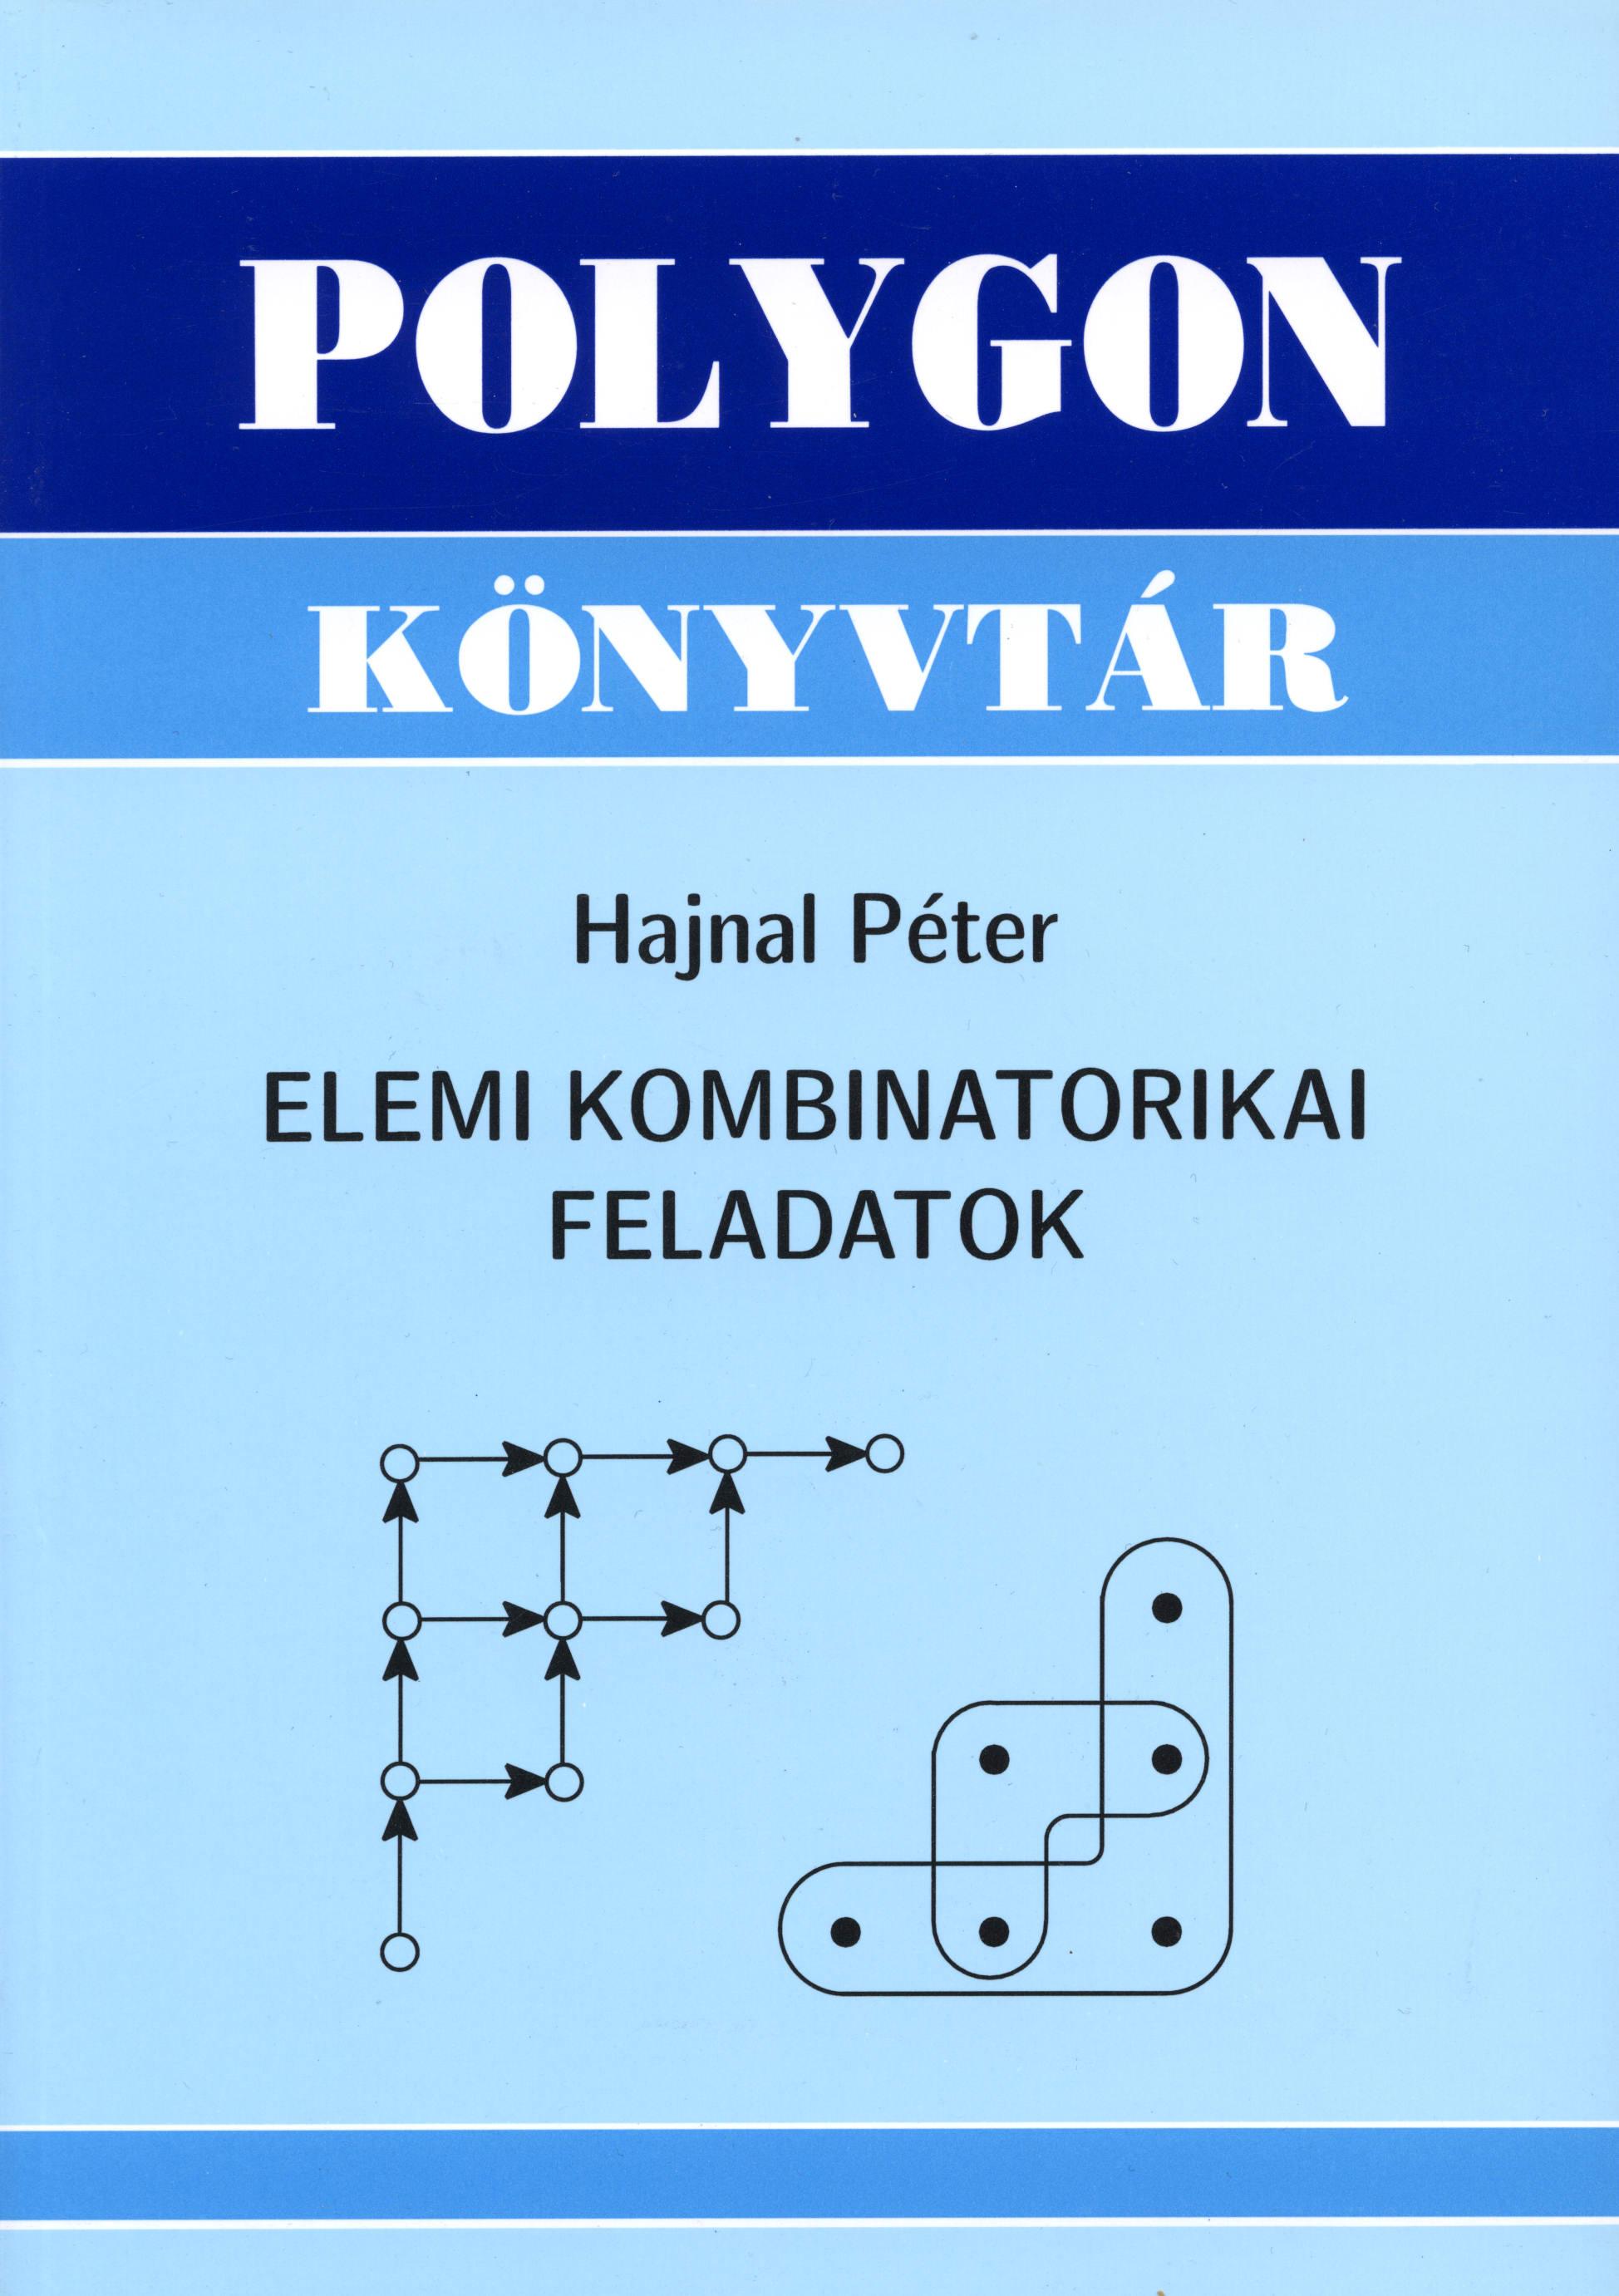 Elemi kombinatorikai feladatok - Polygon jegyzet